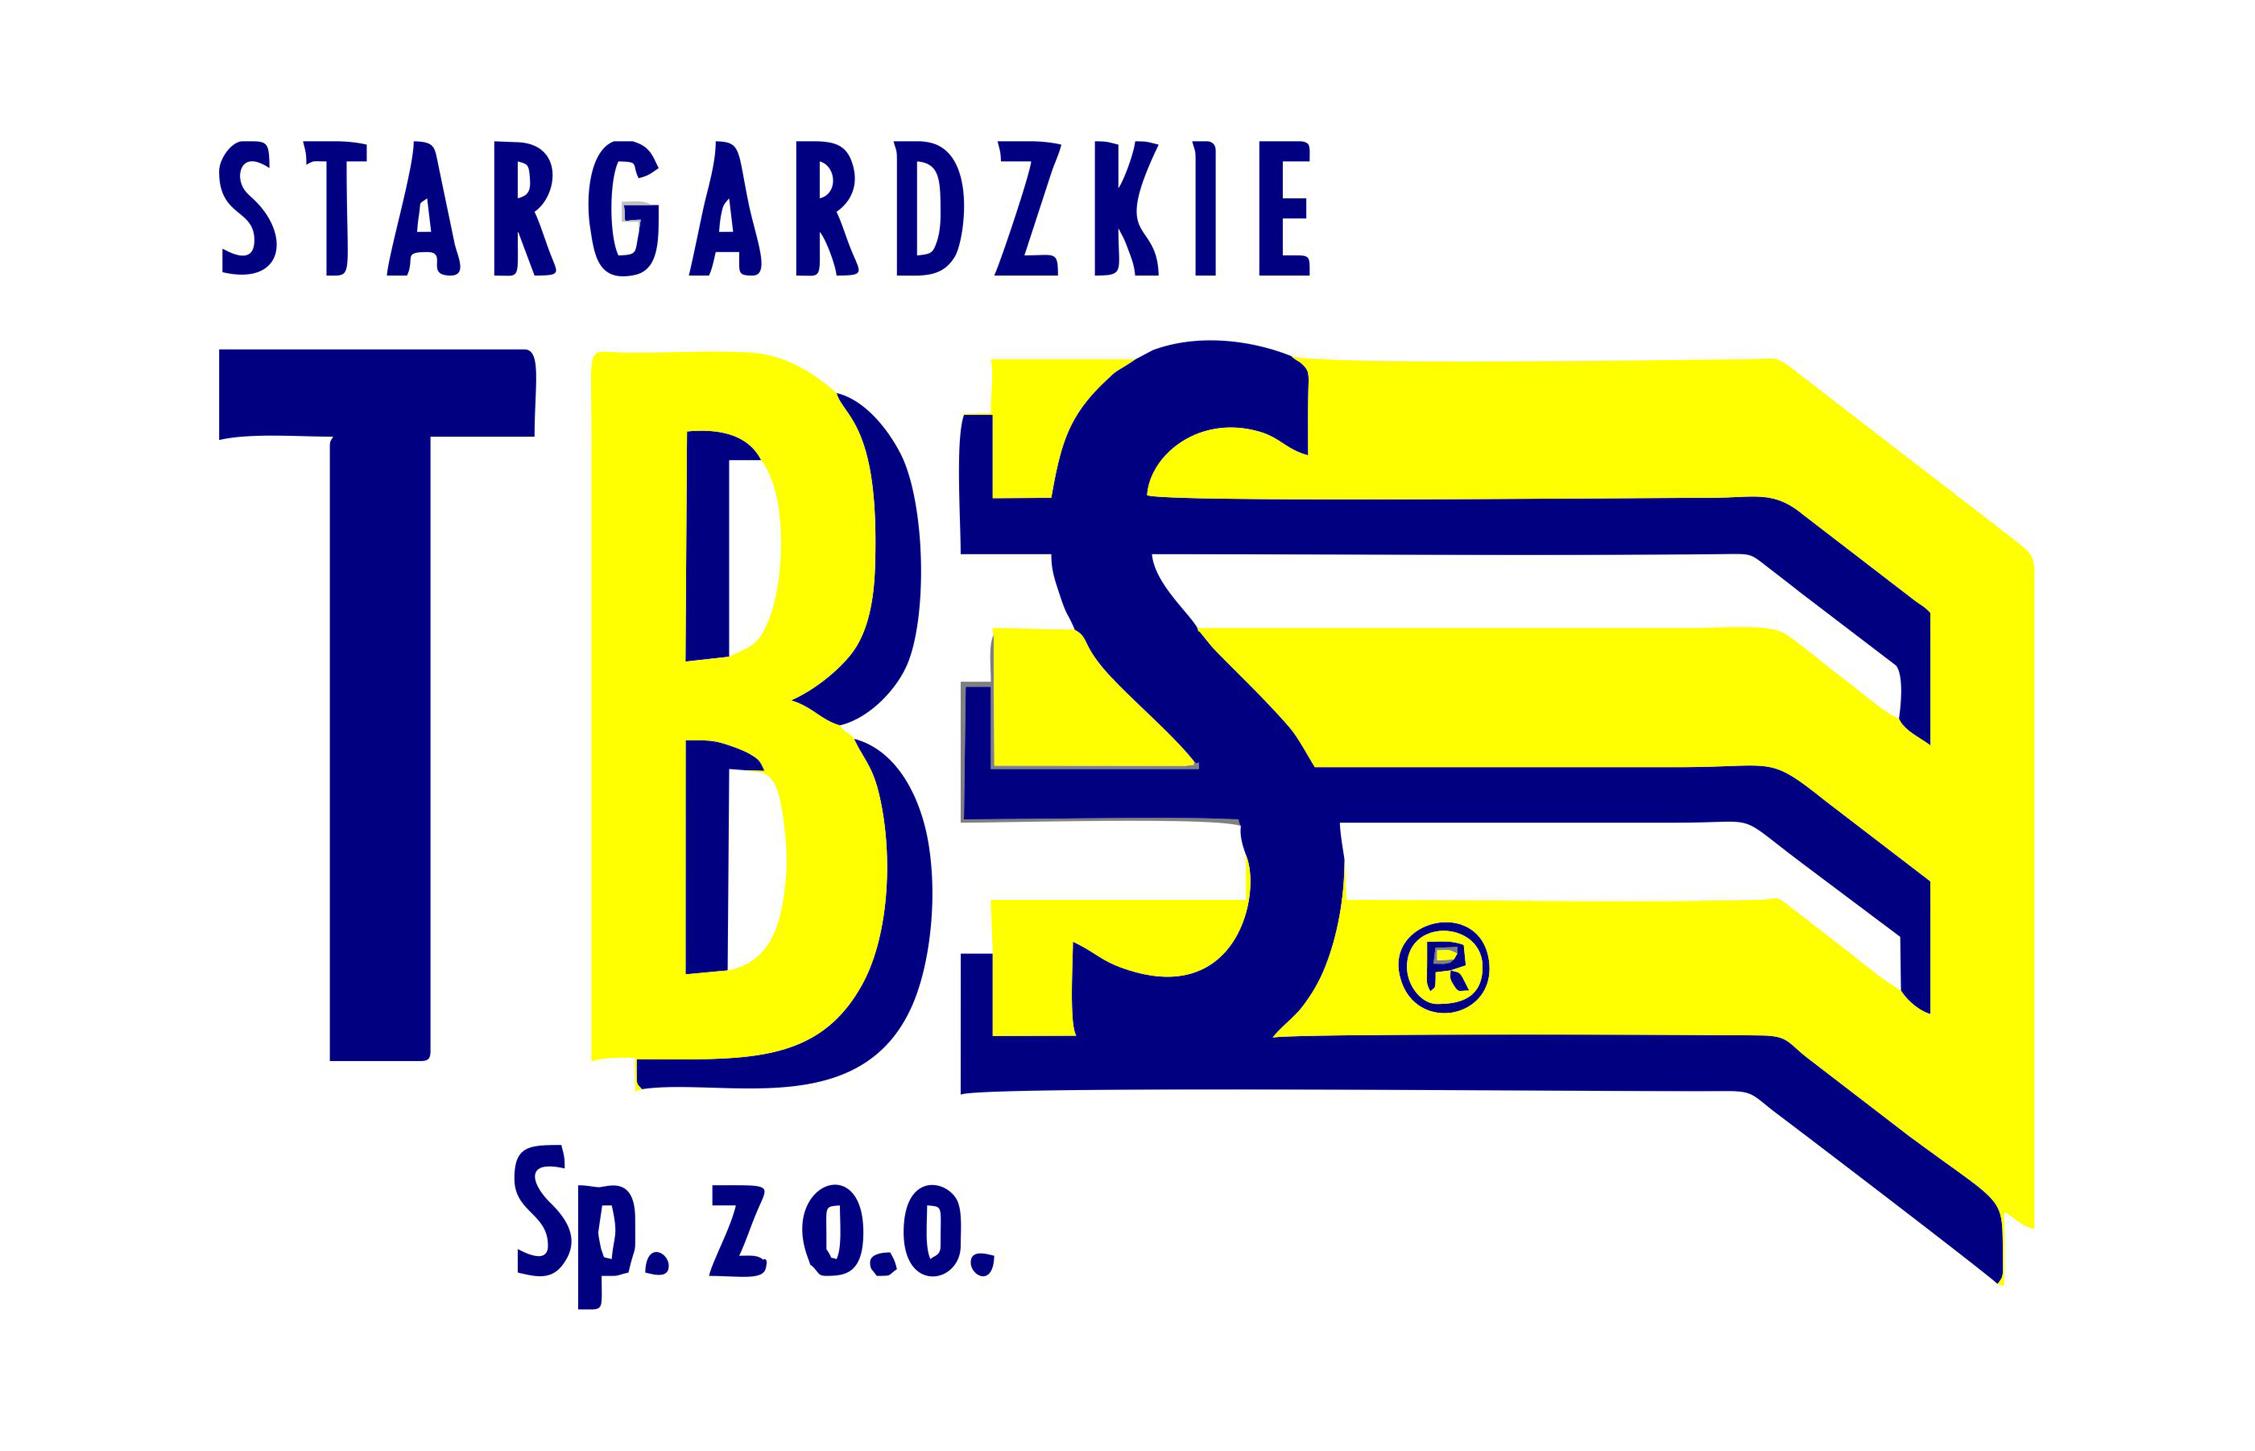 STARGARDZKIE TOWARZYSTWO BUDOWNICTWA SPOŁECZNEGO sp. z o.o.